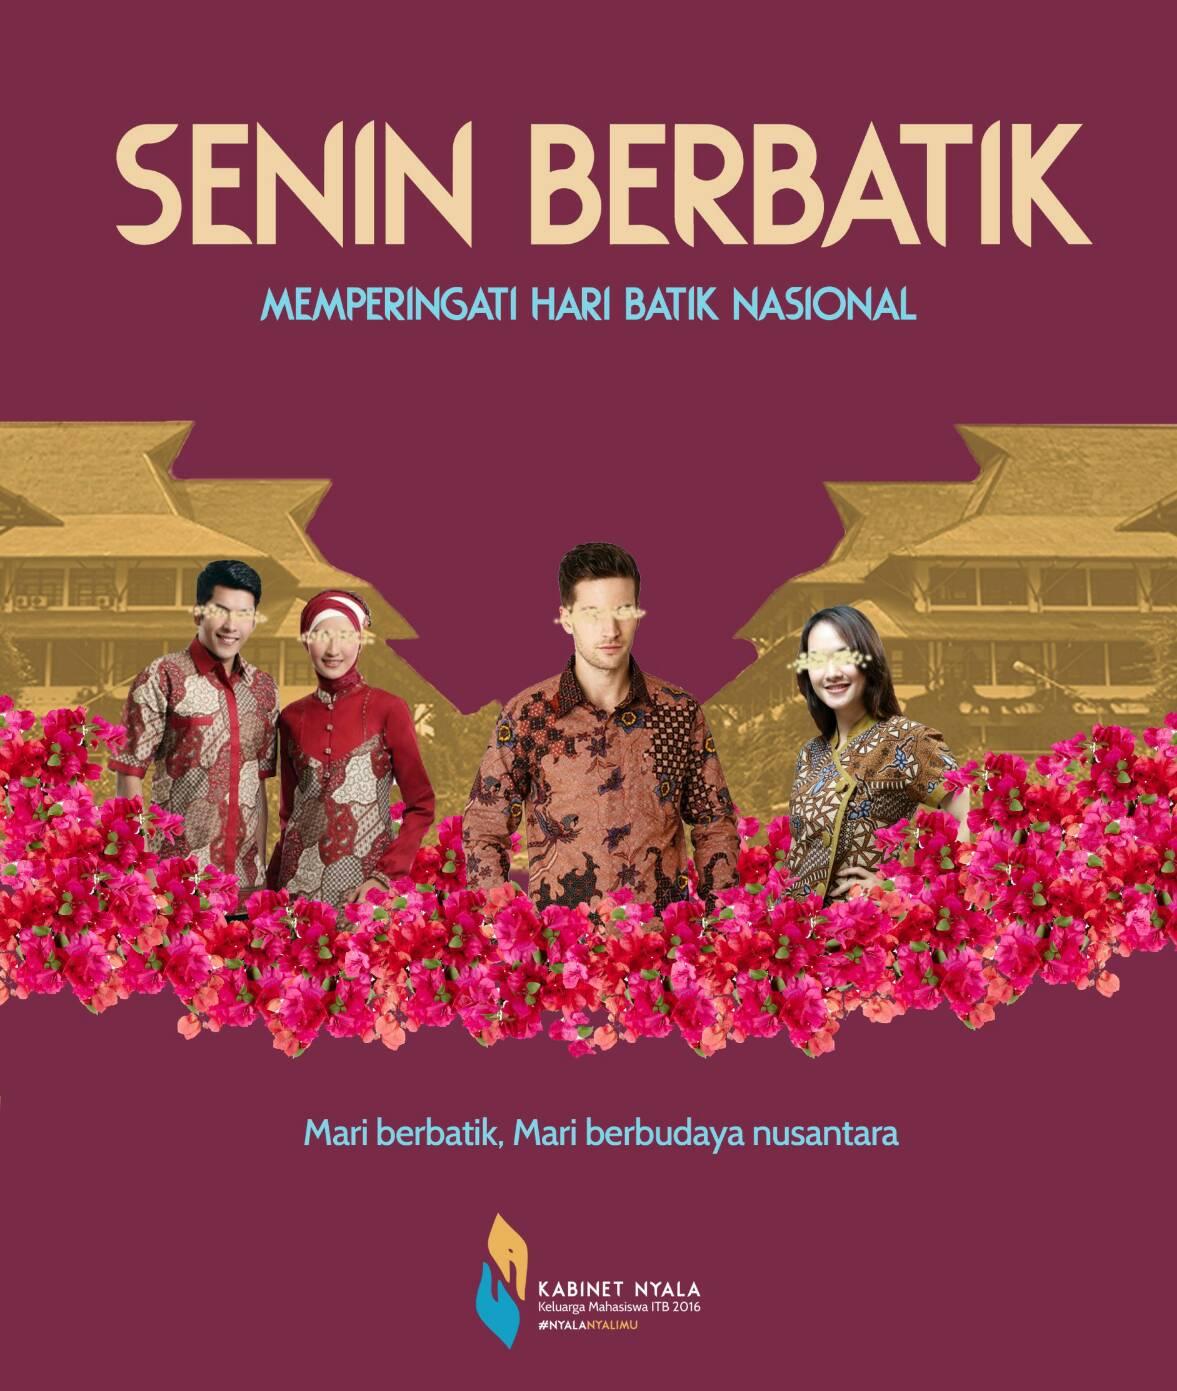 """Warta Budaya: Merayakan Hari Batik 2016 Melalui  """"Senin Berbatik"""""""